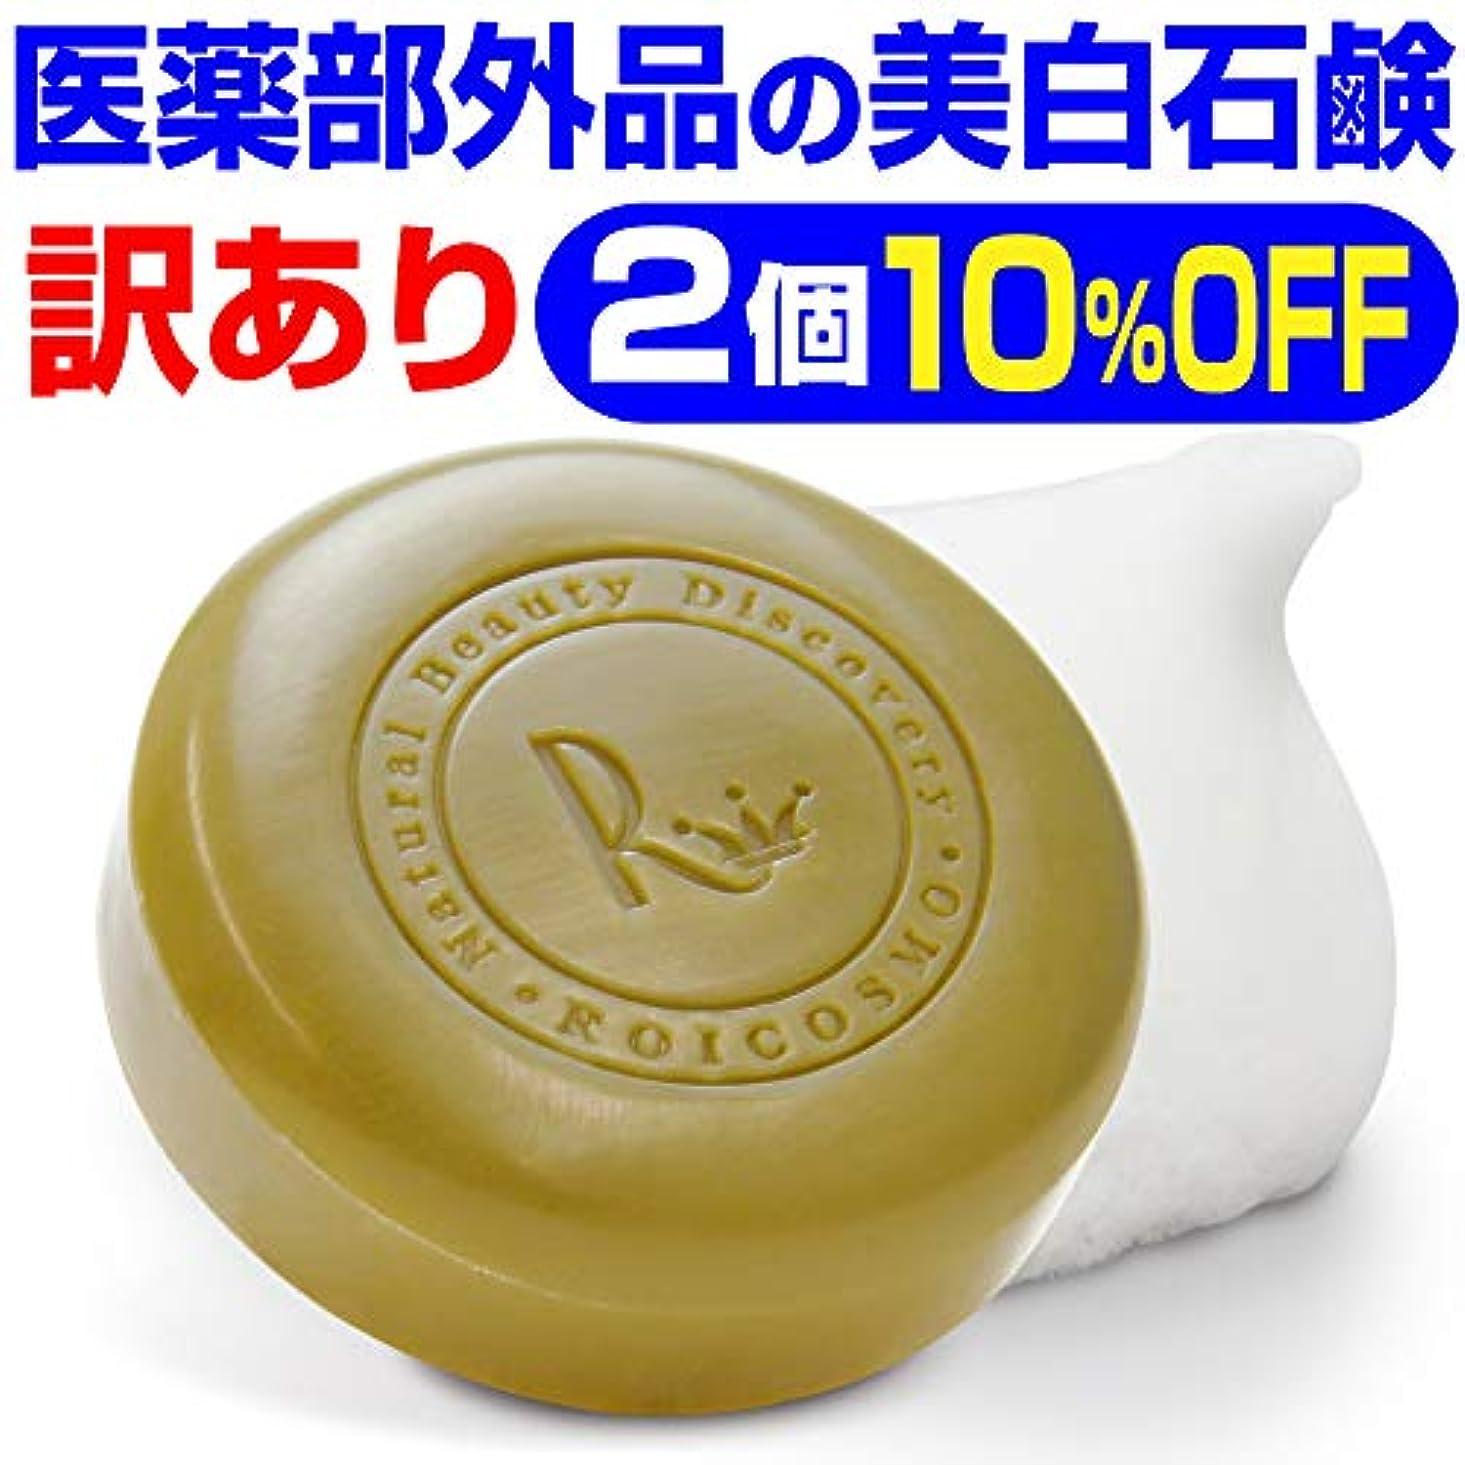 誠実さ明らかに入場訳あり10%OFF(1個2,143円)売切れ御免 ビタミンC270倍の美白成分の 洗顔石鹸『ホワイトソープ100g×2個』